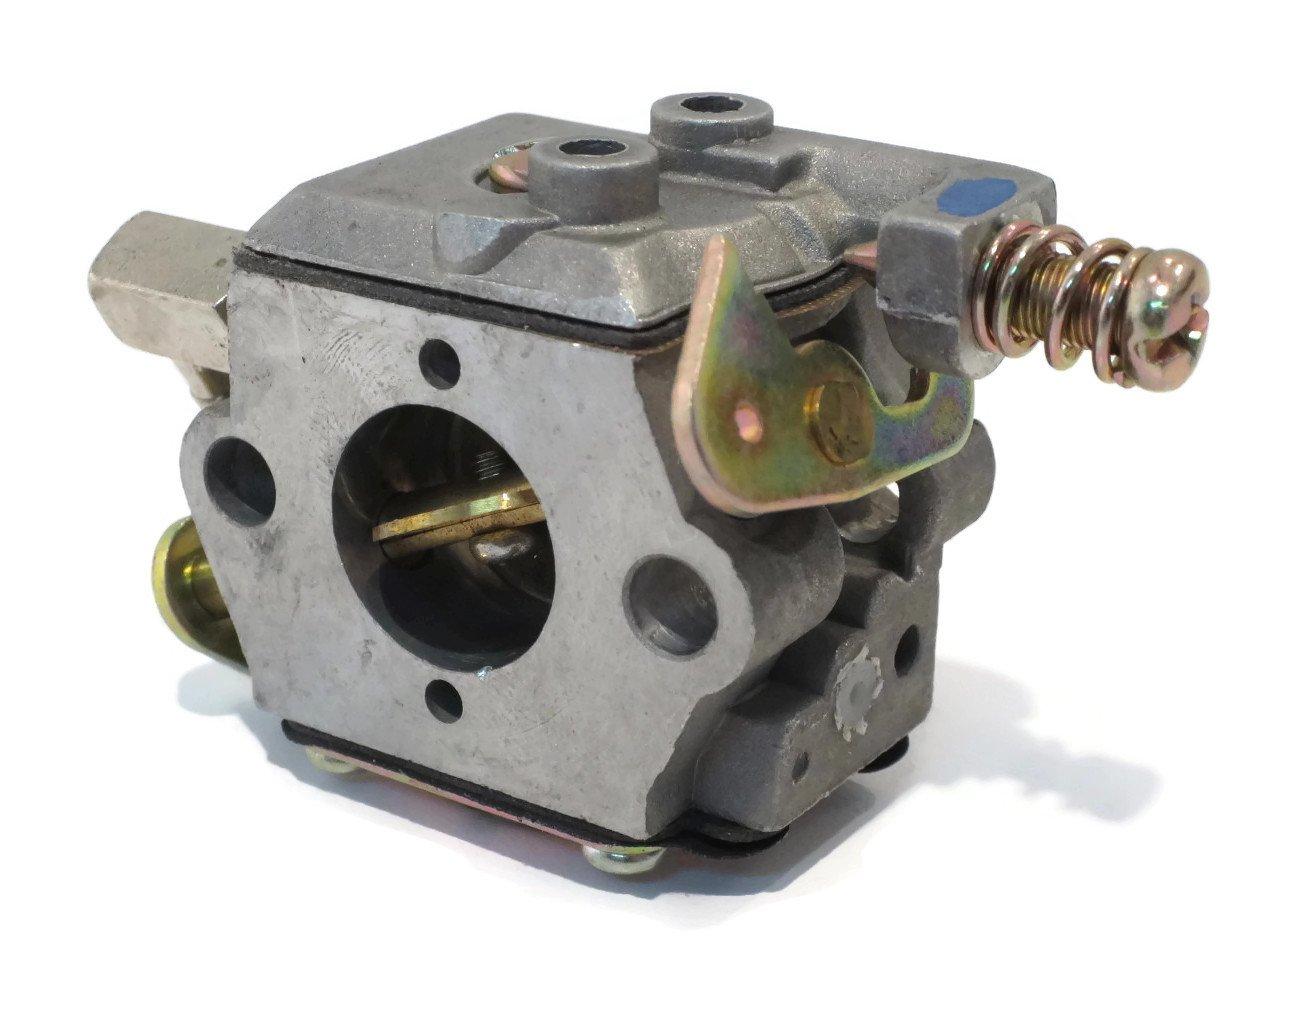 Jrl Carburetor Fit Tecumseh 640347 Model Tm049xa Engine Teseh Engines Wiring Diagram Automotive